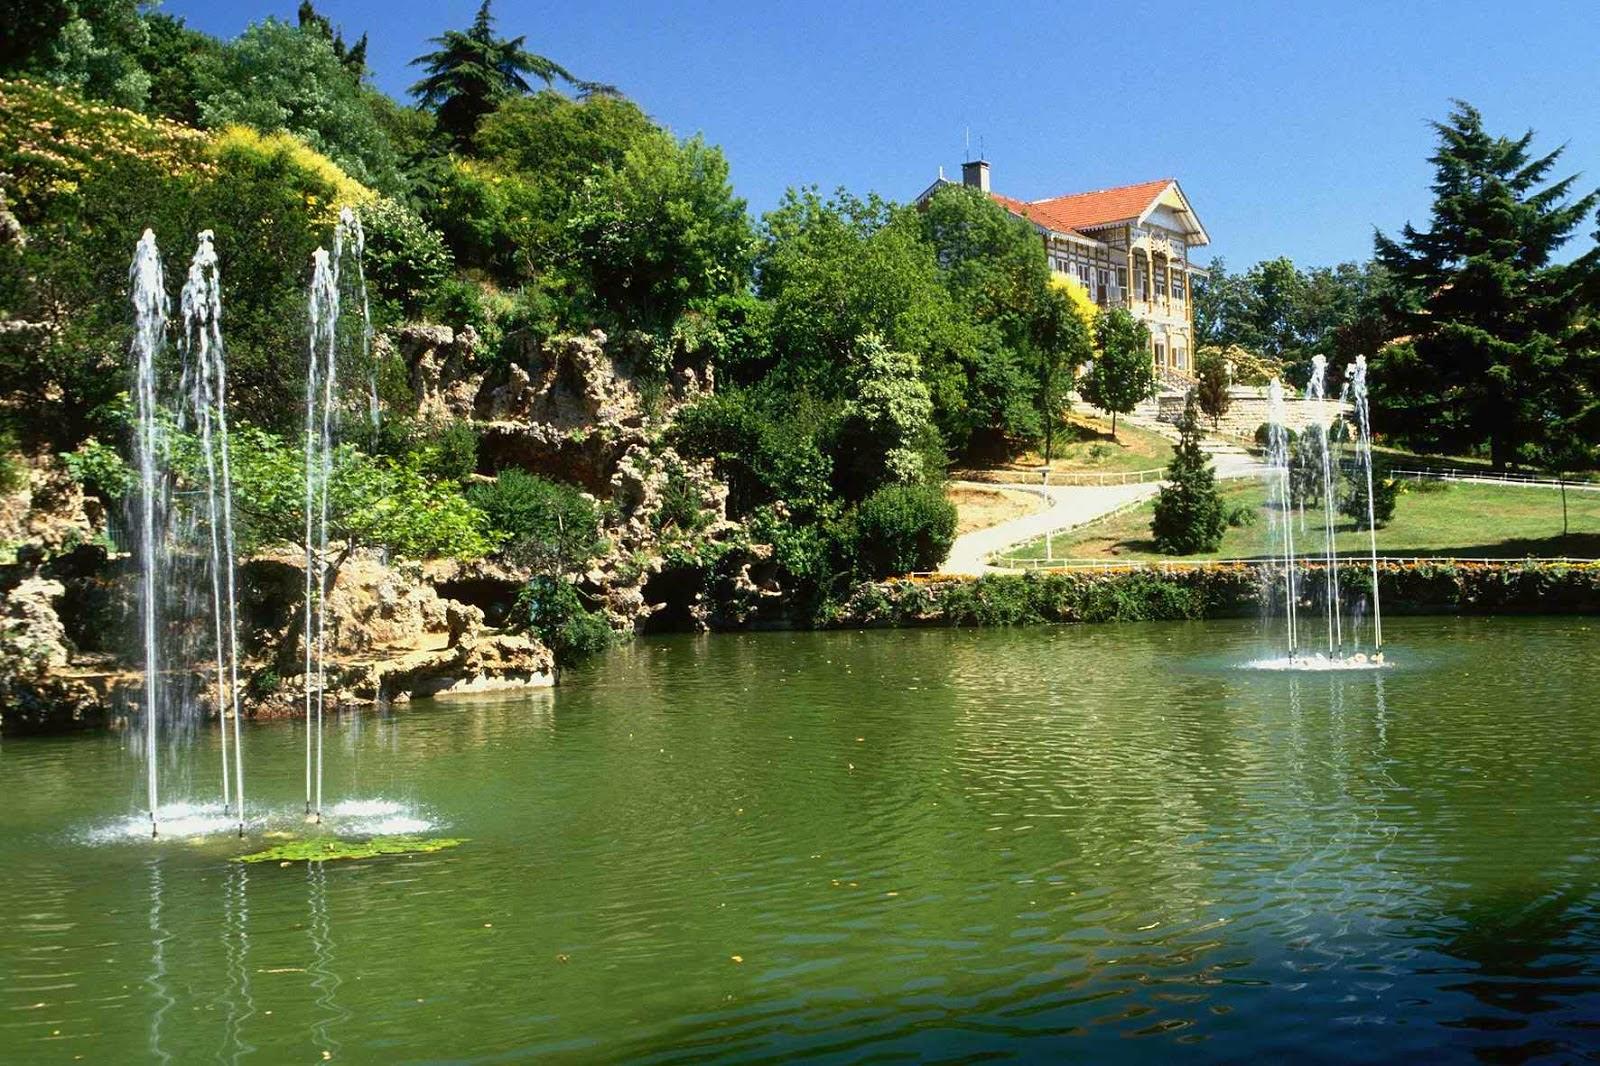 أماكن سياحية جميلة في مدينة اسطنبول مع الصور